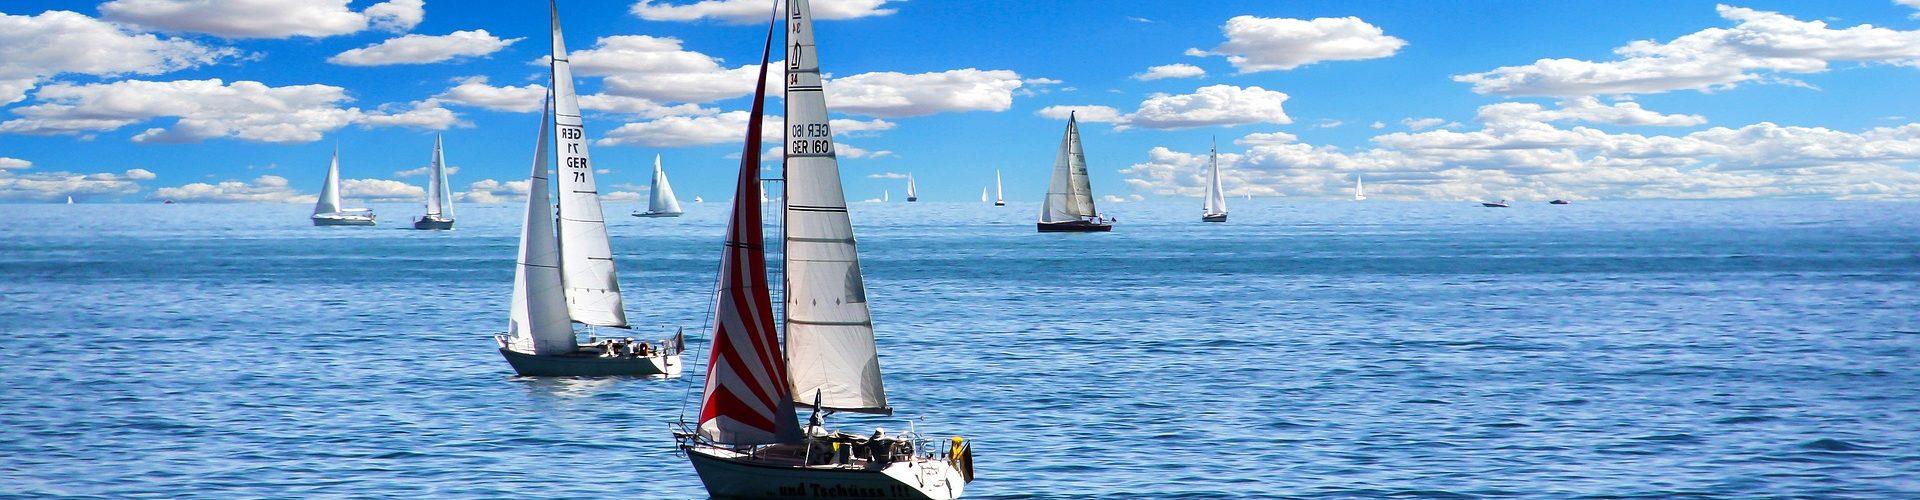 segeln lernen in Aldenhoven segelschein machen in Aldenhoven 1920x500 - Segeln lernen in Aldenhoven